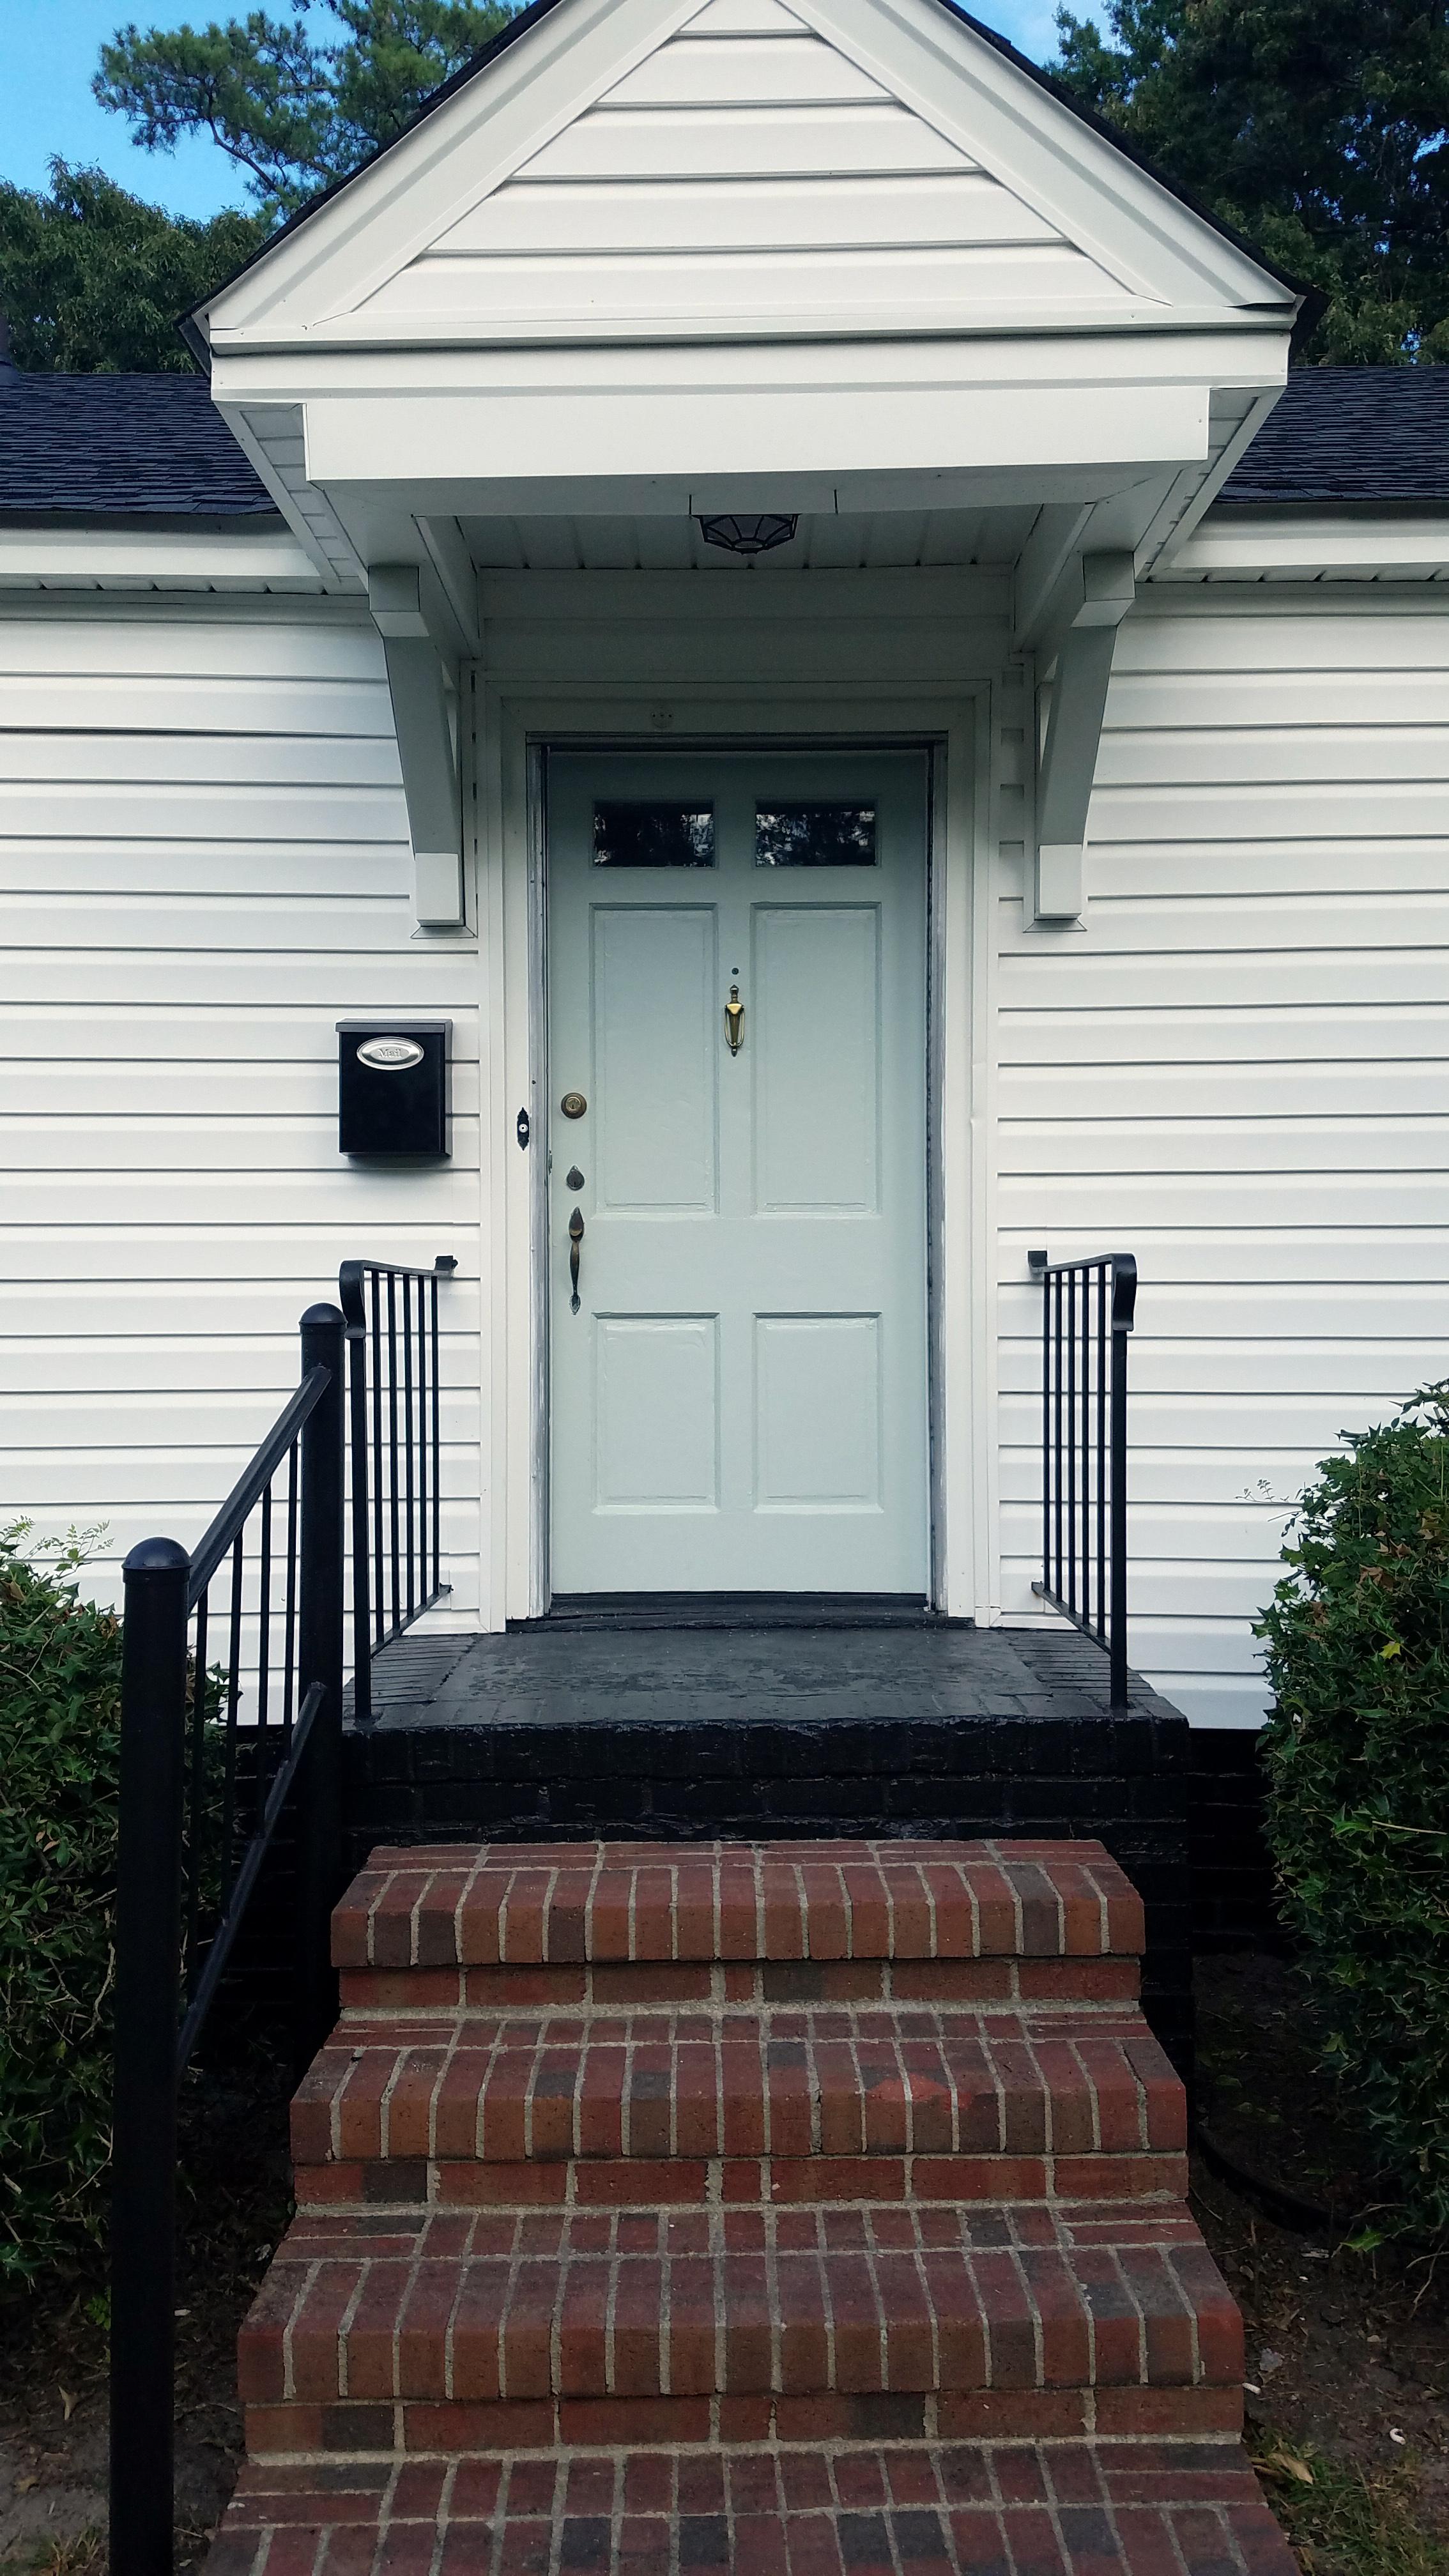 Haymount Homes Glenville House Front Door.jpg